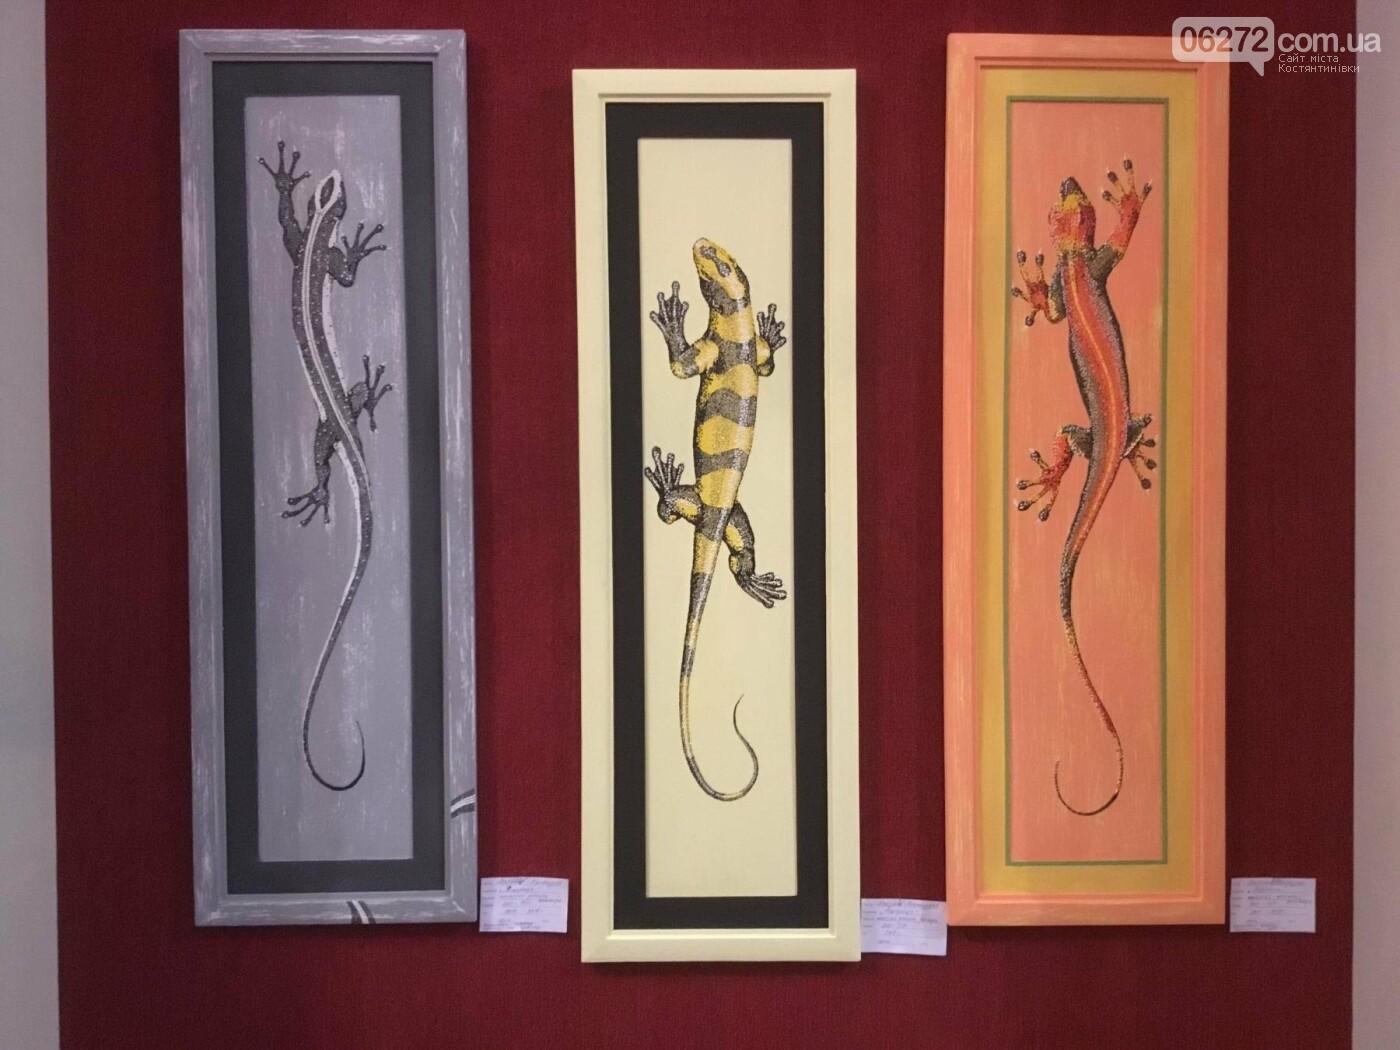 В Константиновке открылась выставка свободного художника, фото-9